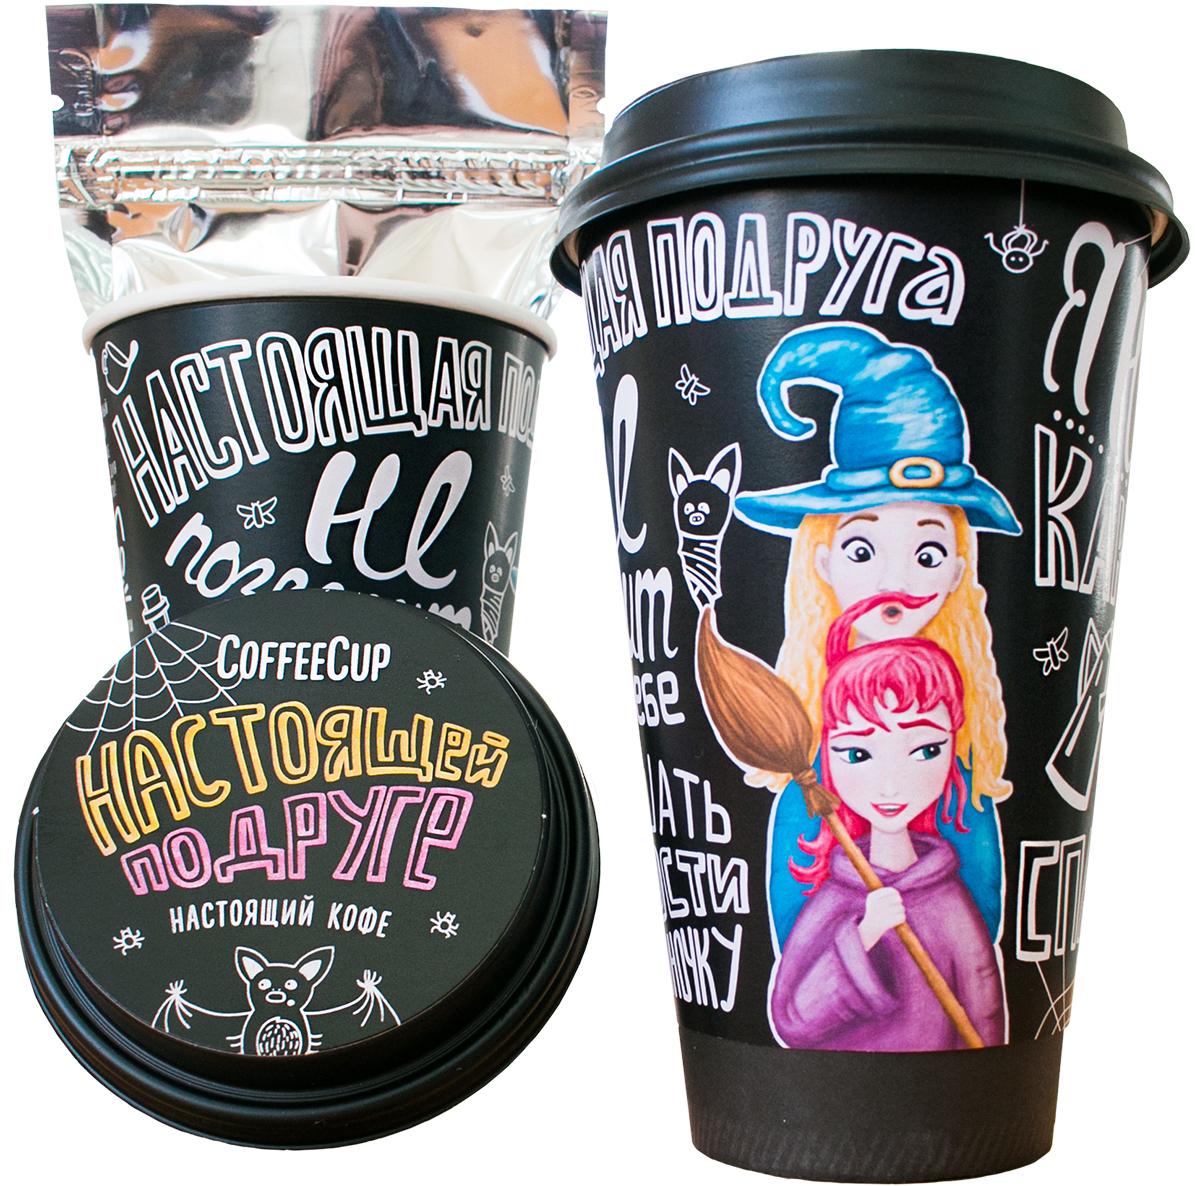 Chokocat Подруге молотый кофе, 100 гКК006Оригинальный подарок со свежеобжаренным молотым кофе Арабика внутри для настоящей подруги, которая разделит с тобой и счастье и горе, а также не позволит совершать глупости в одиночку! Настоящая подруга не позволит тебе совершать глупости в одиночку, Я не знаю, как ты меня терпишь, но спасибо тебе, Подруге.Кофе: мифы и факты. Статья OZON Гид